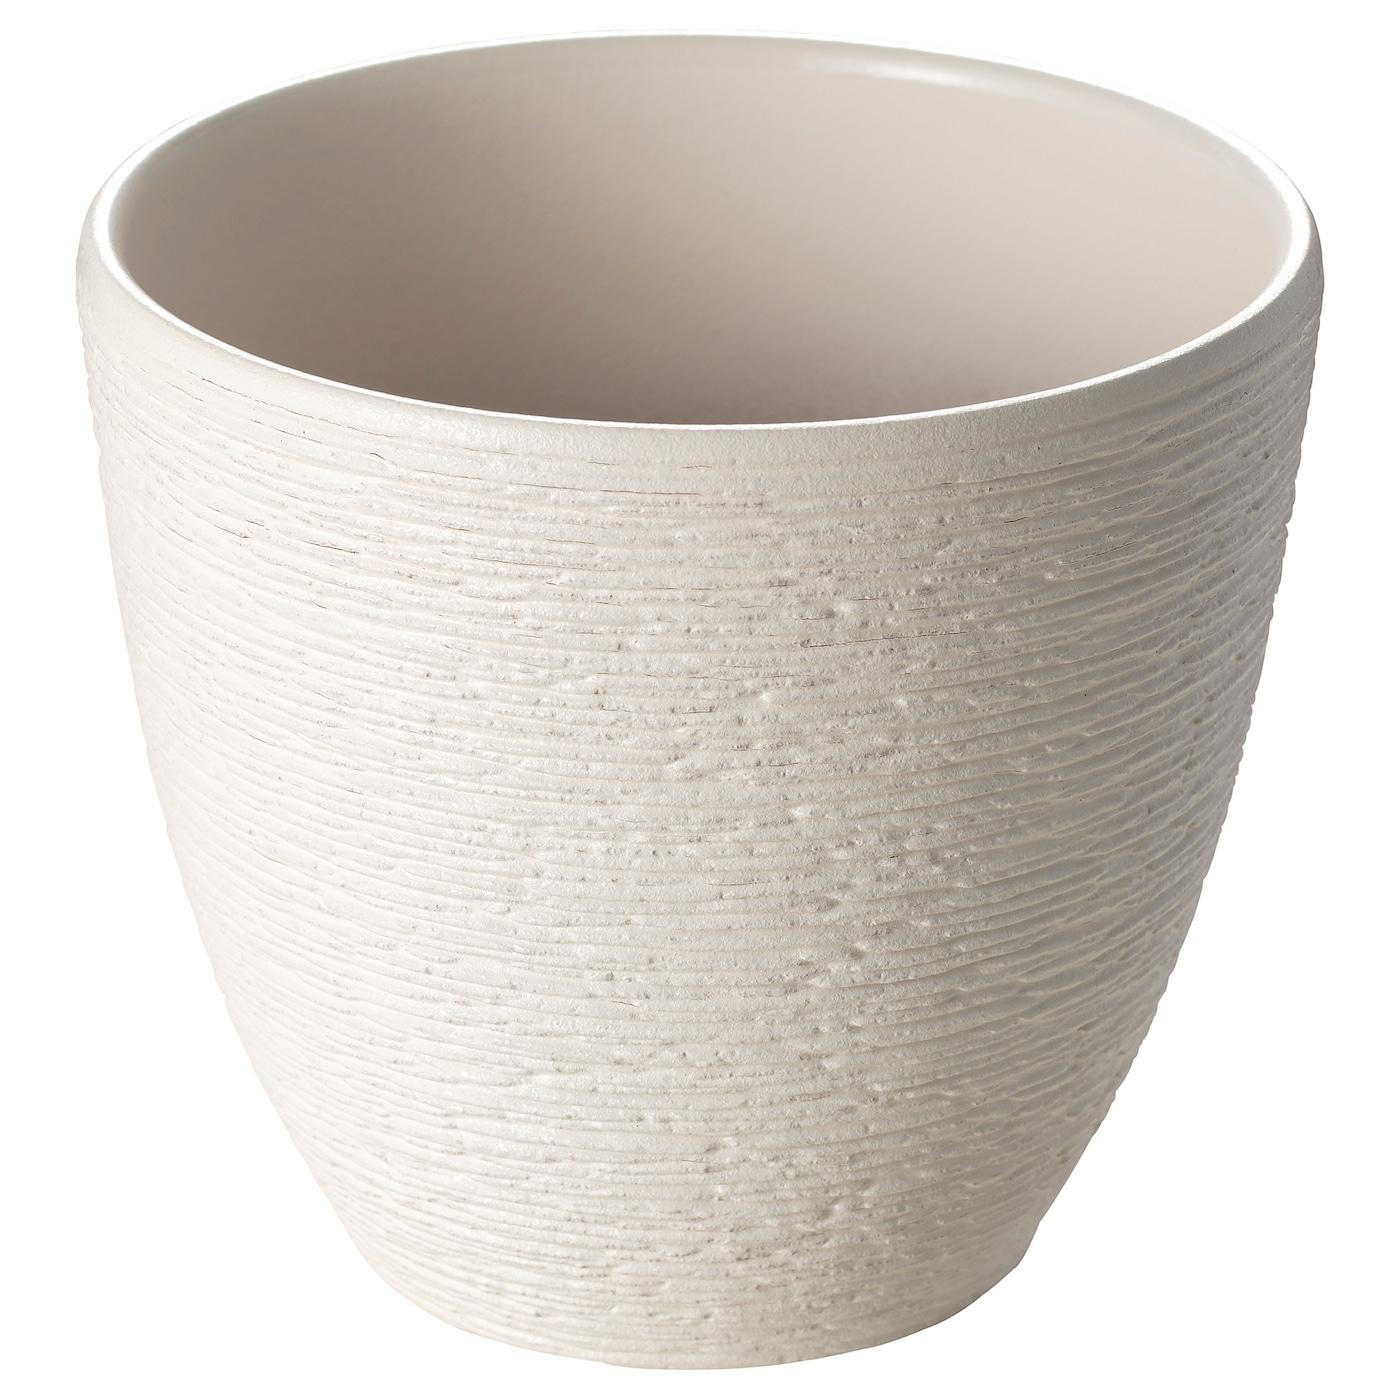 SKAKIG スカーキグ 植木鉢